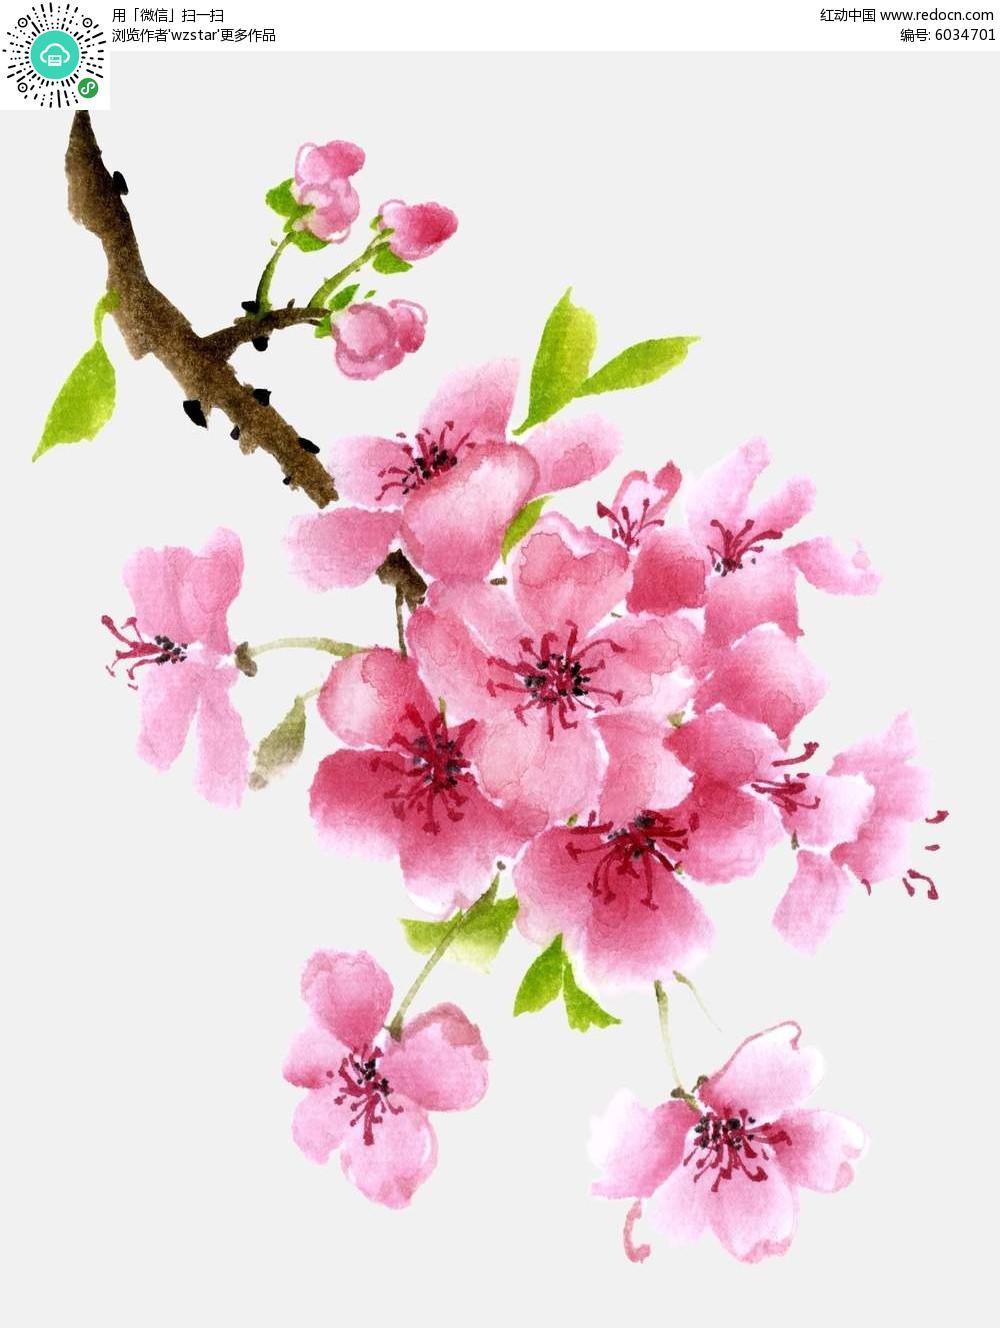 粉色桃花水彩画背景素材